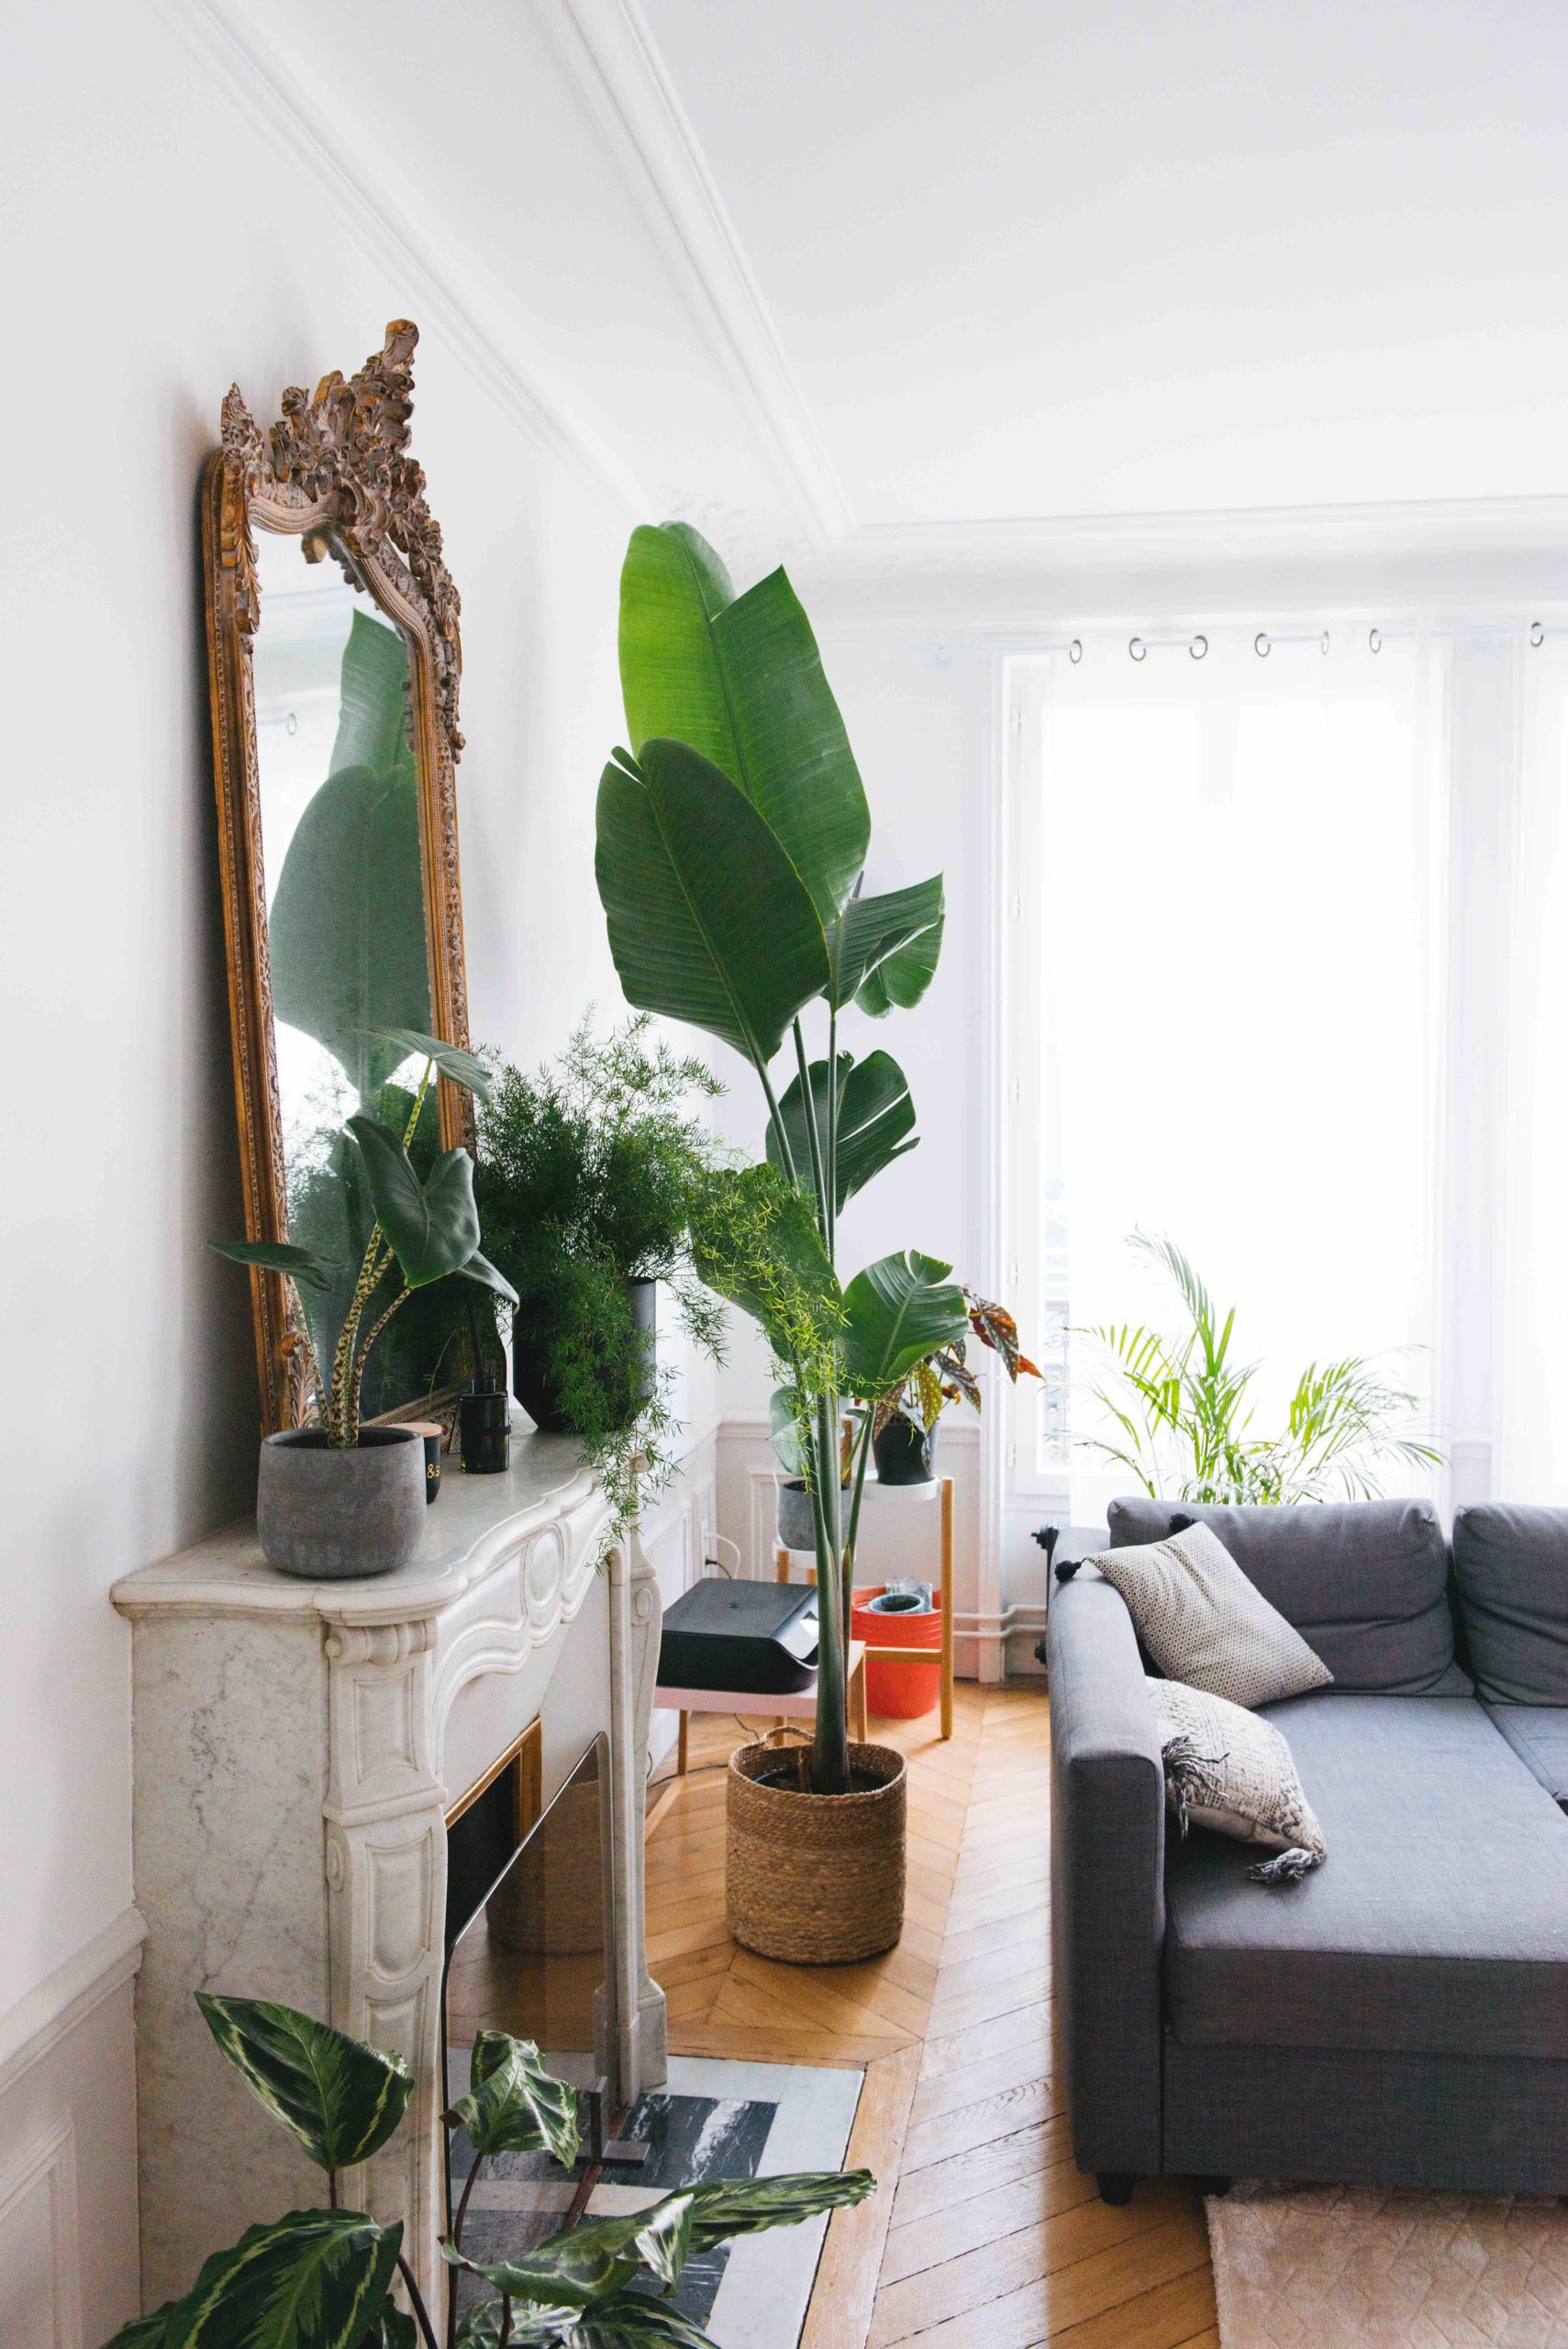 grande plante verte d'intérieur